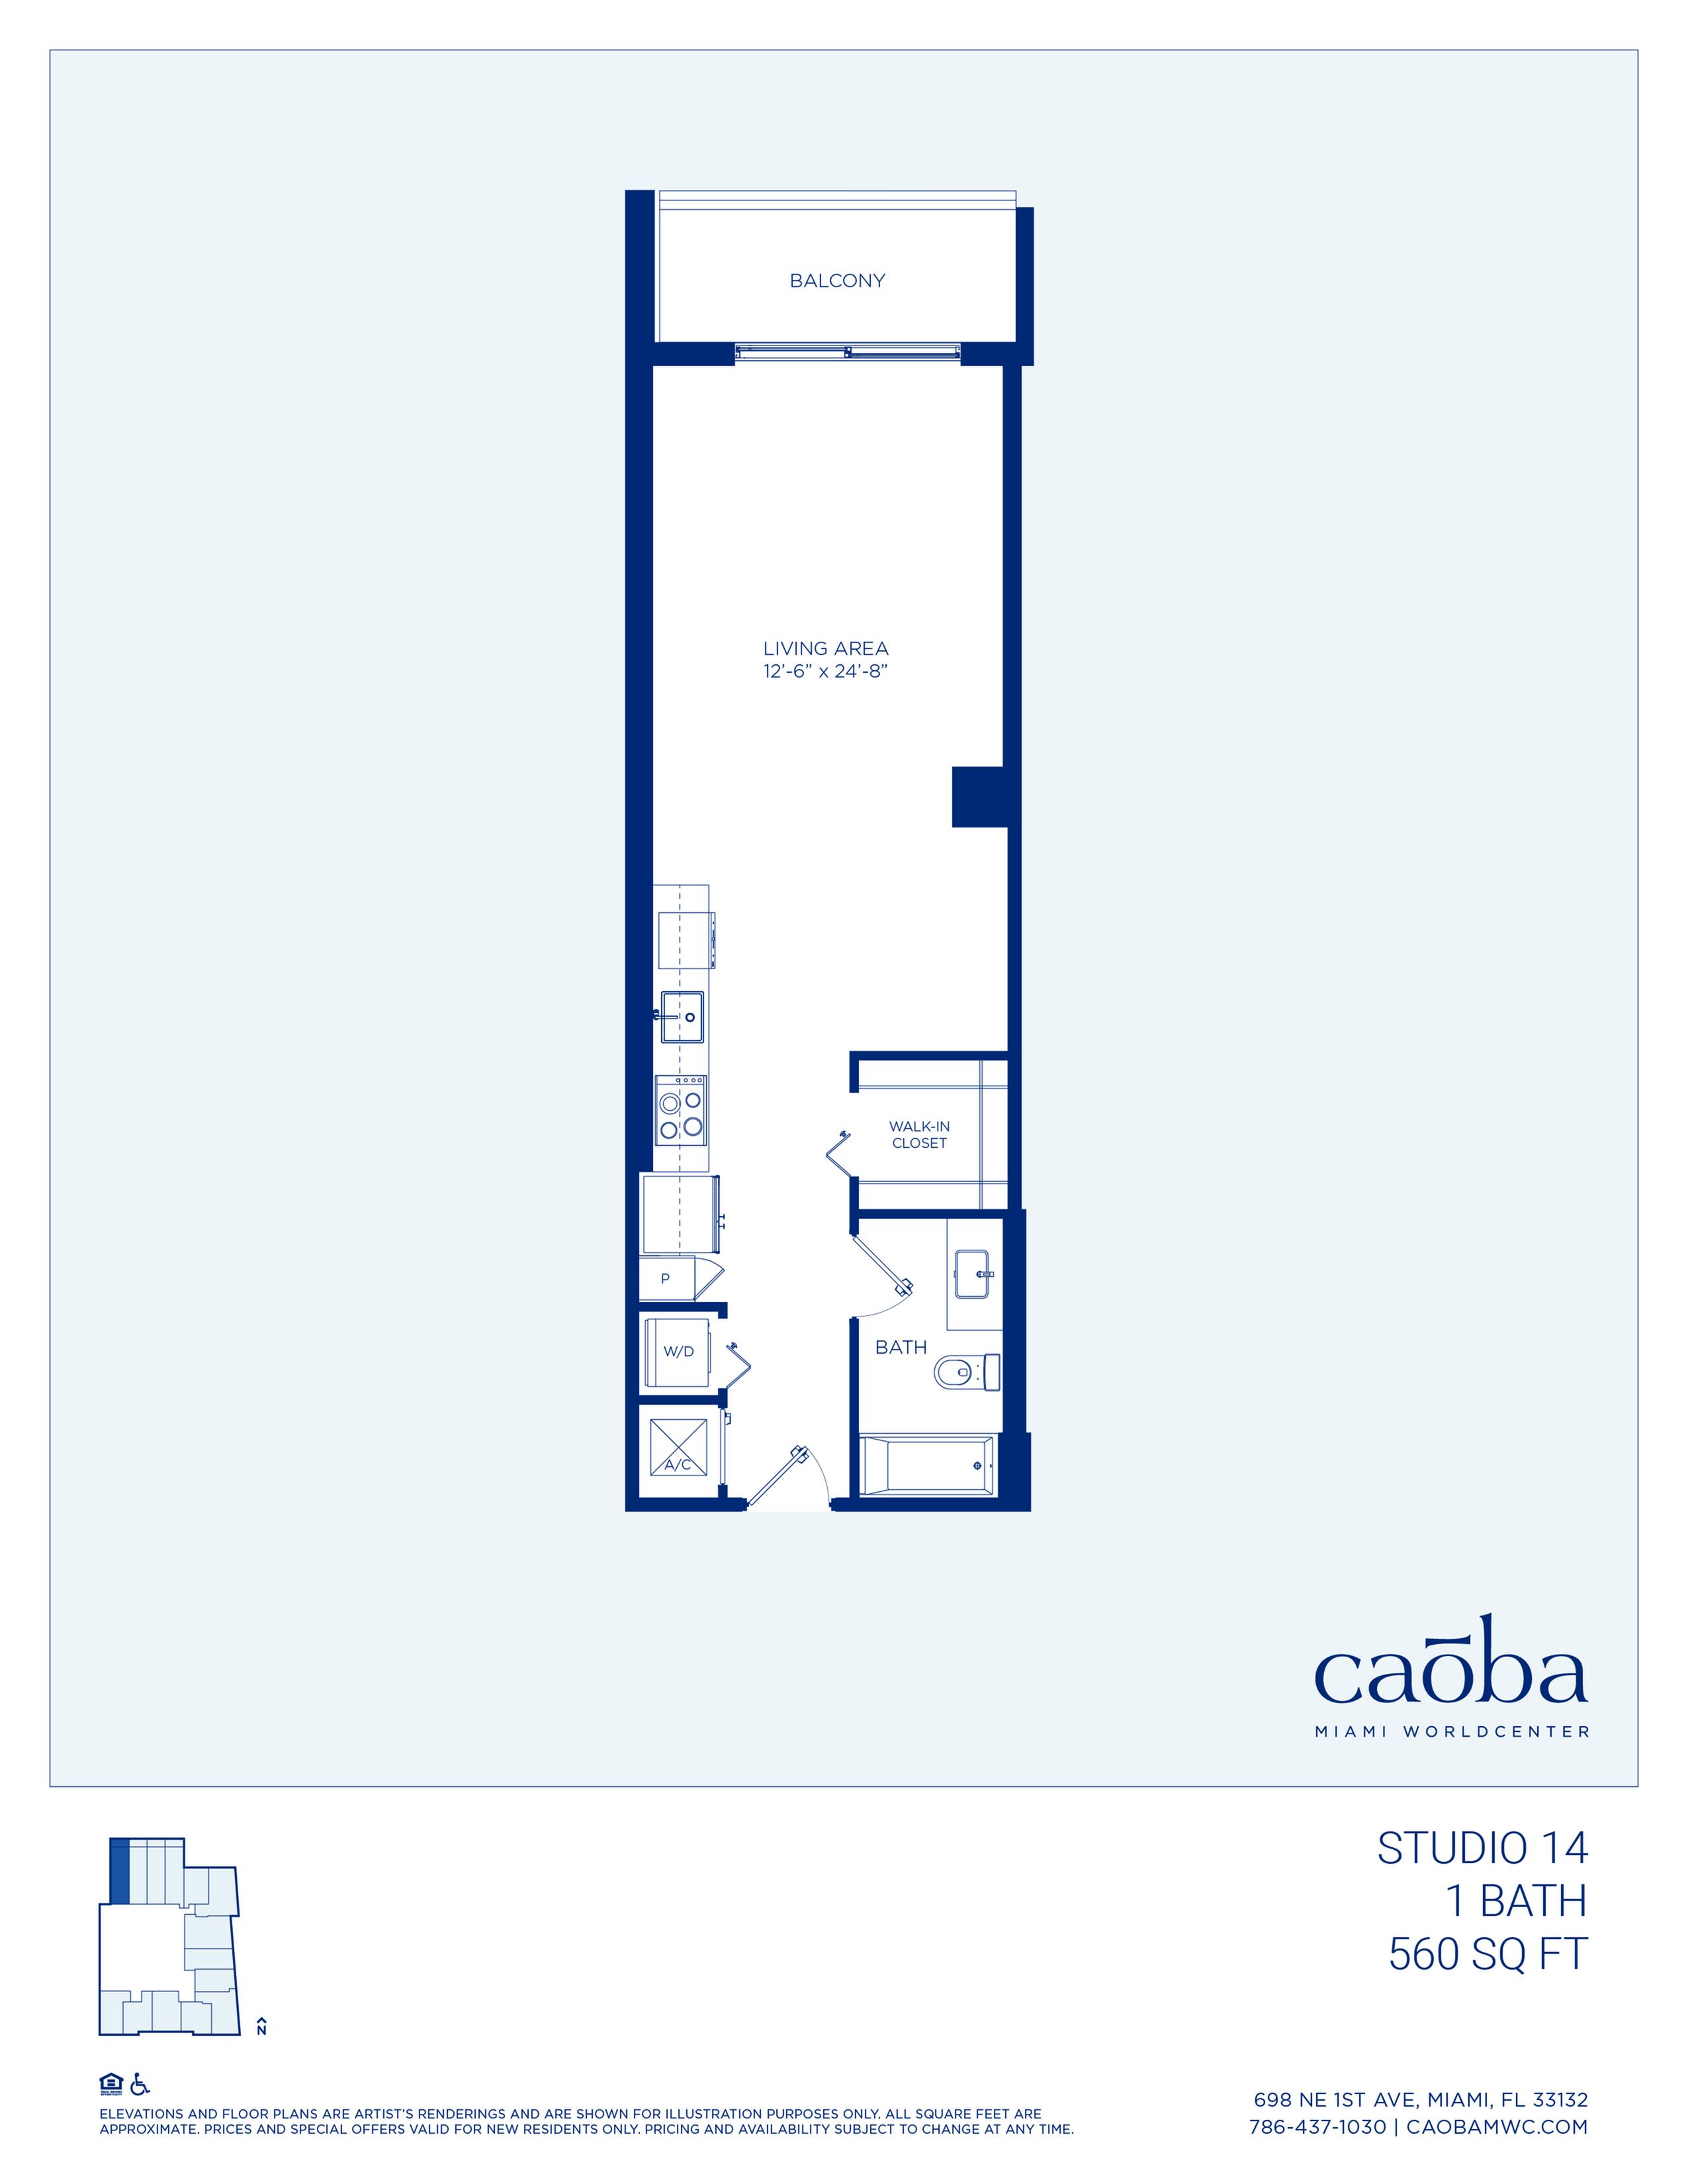 Miami Caoba Floorplan